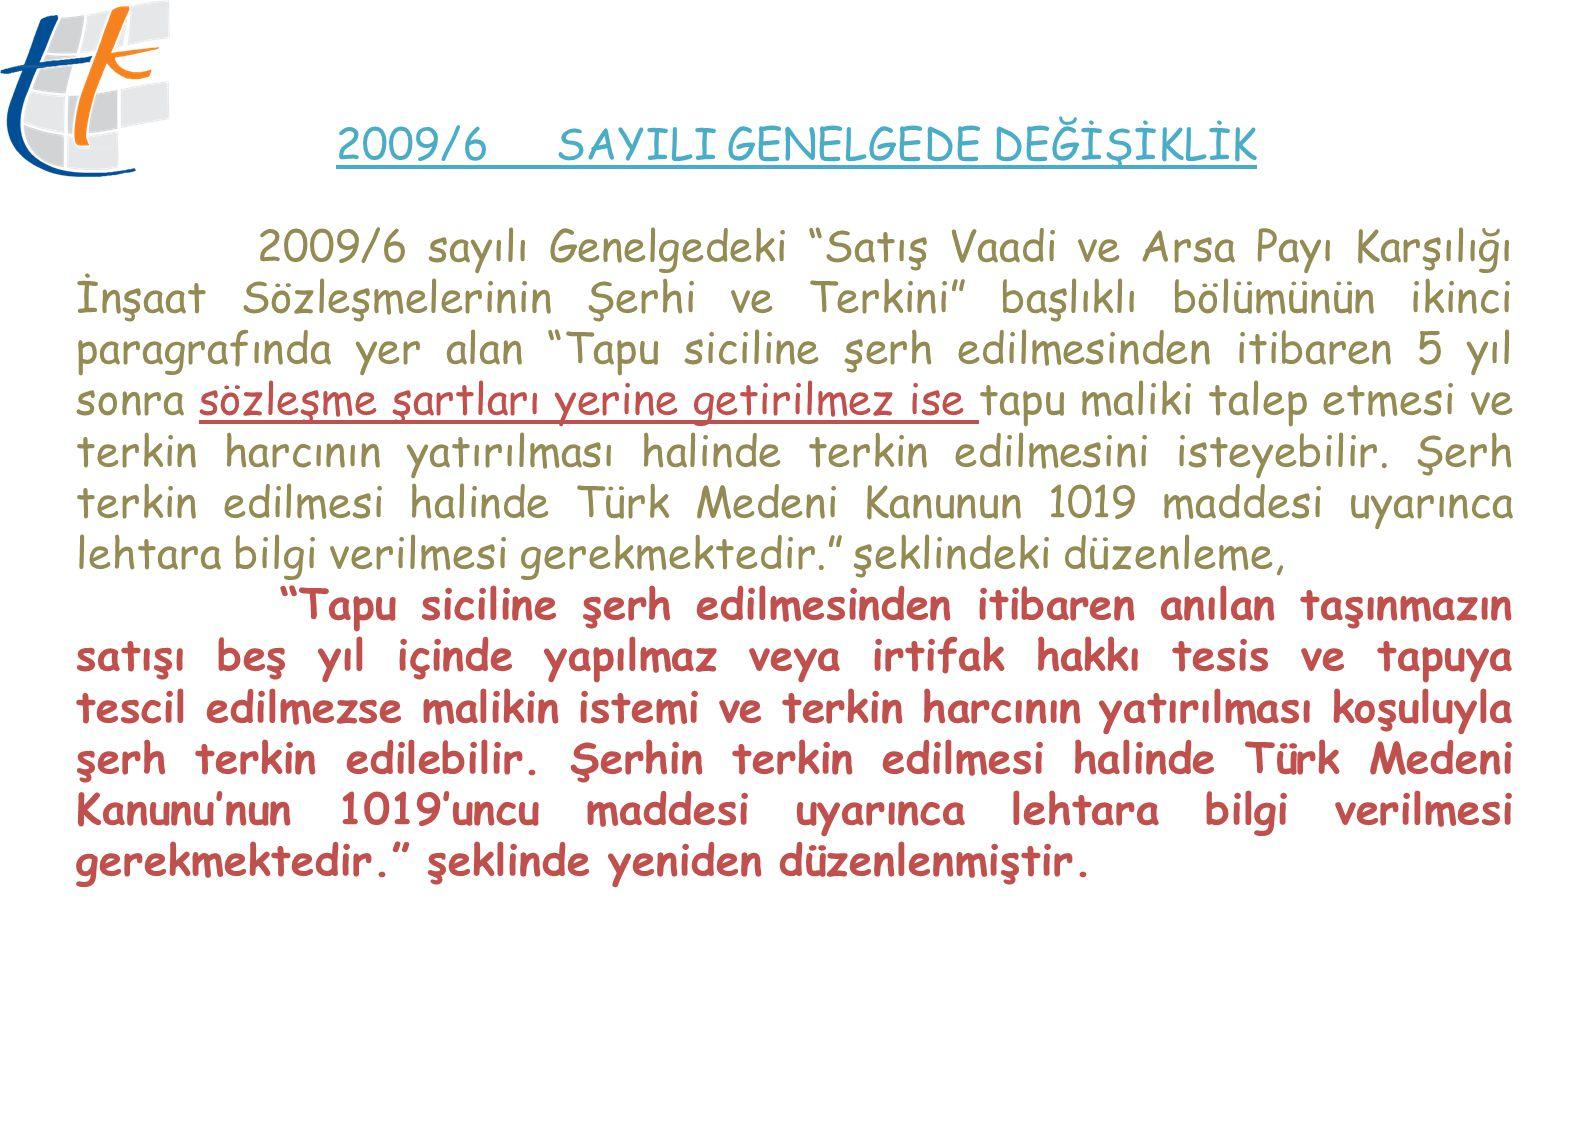 2009/6 SAYILI GENELGEDE DEĞİŞİKLİK